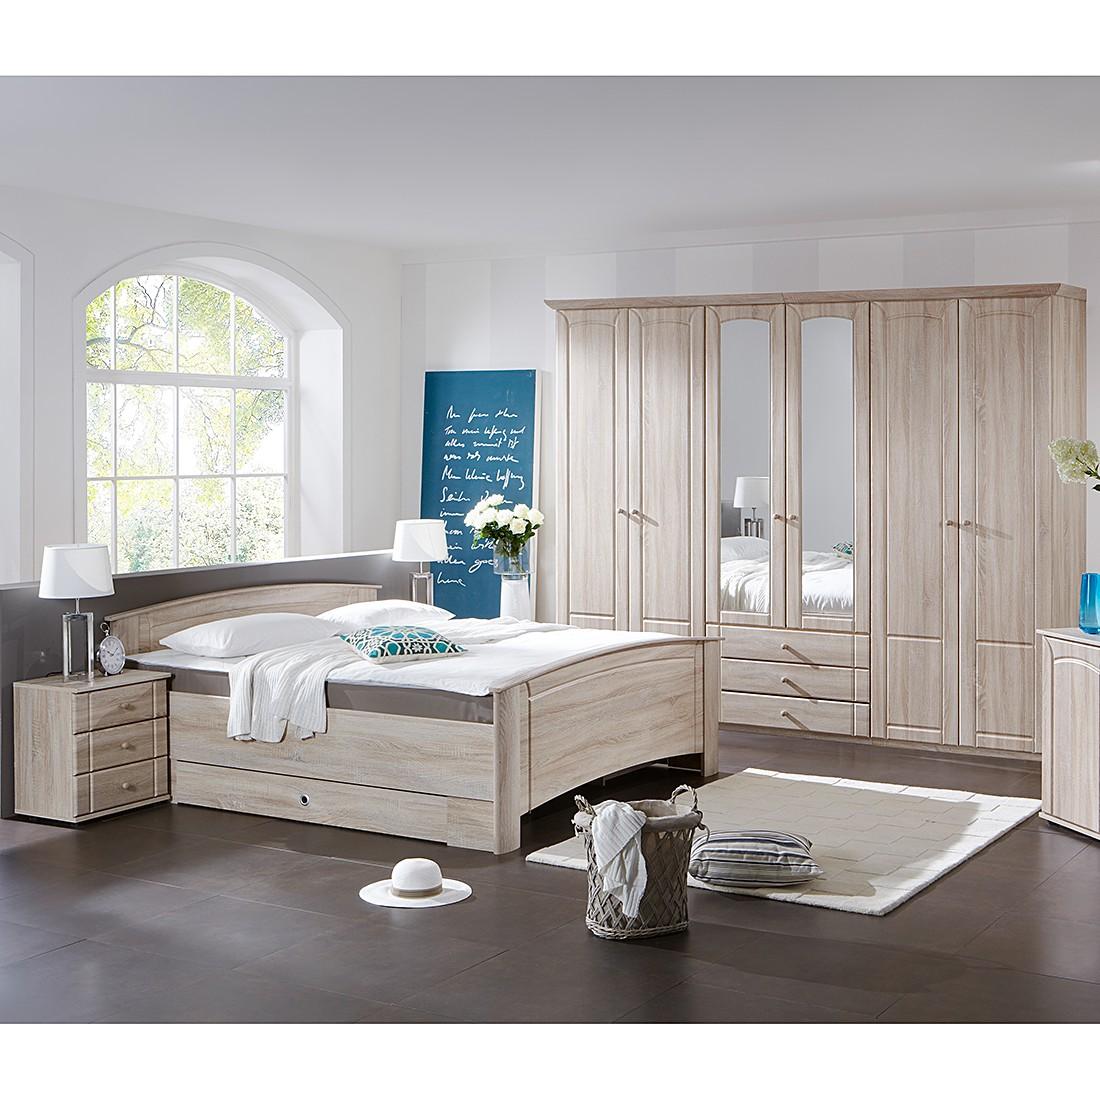 Schlafzimmer Palma – Eiche-Sägerau, Wimex günstig online kaufen